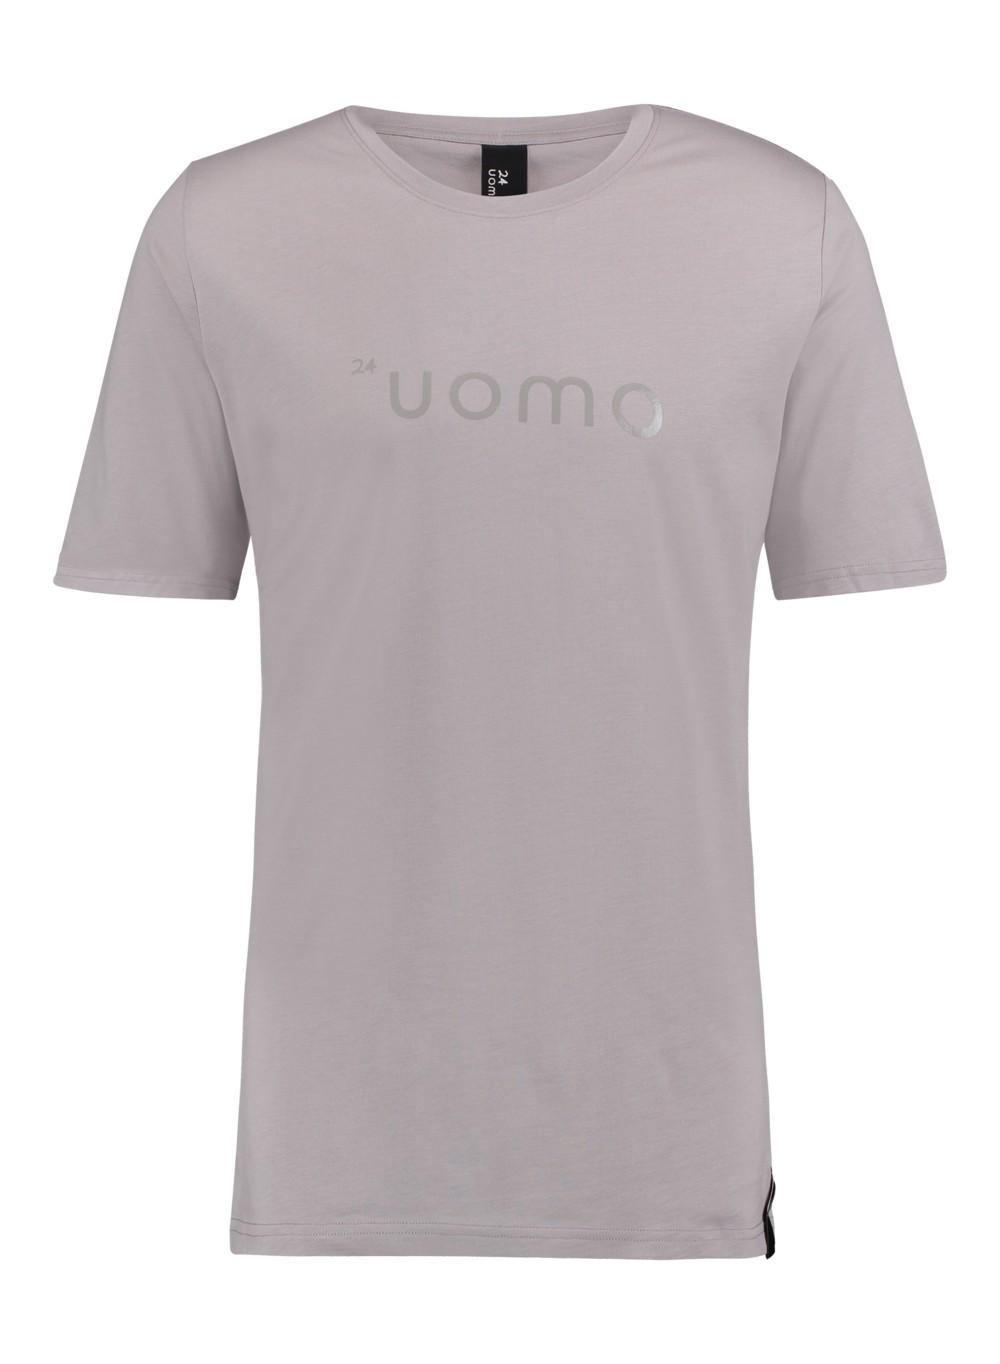 Afbeelding van 24UOMO 24 uomo my6 t-shirt – grijs